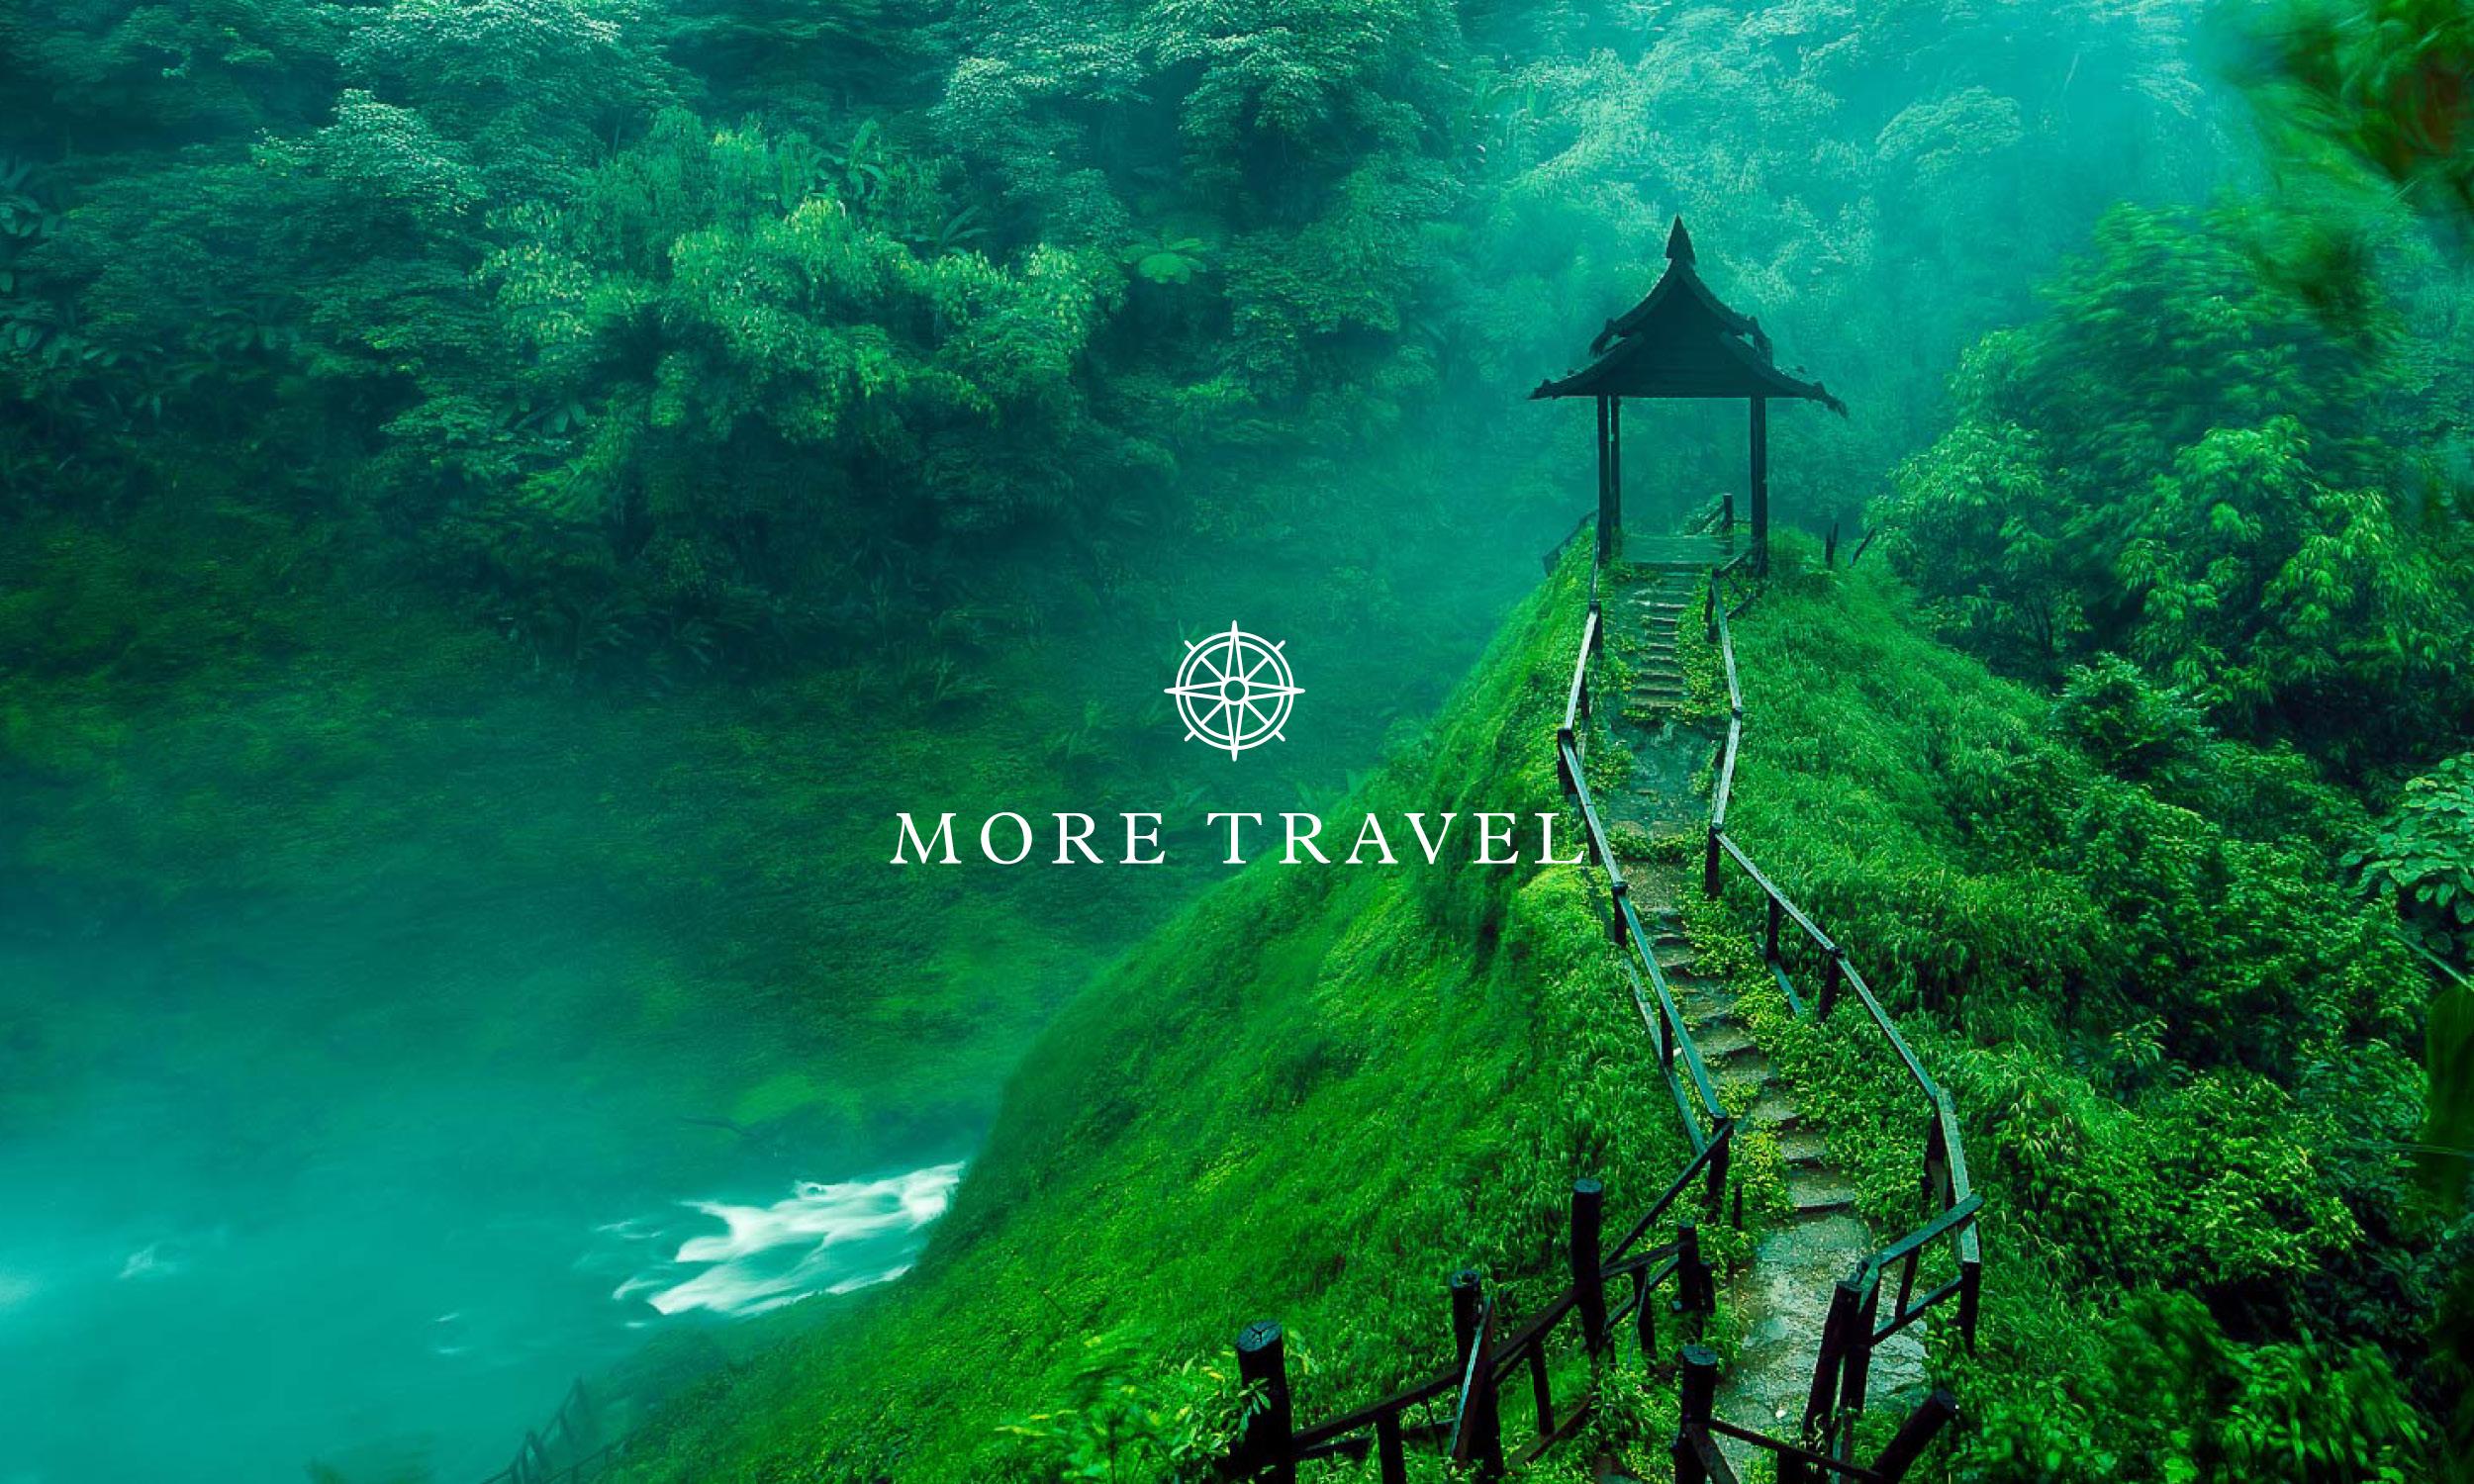 More Travel.jpg